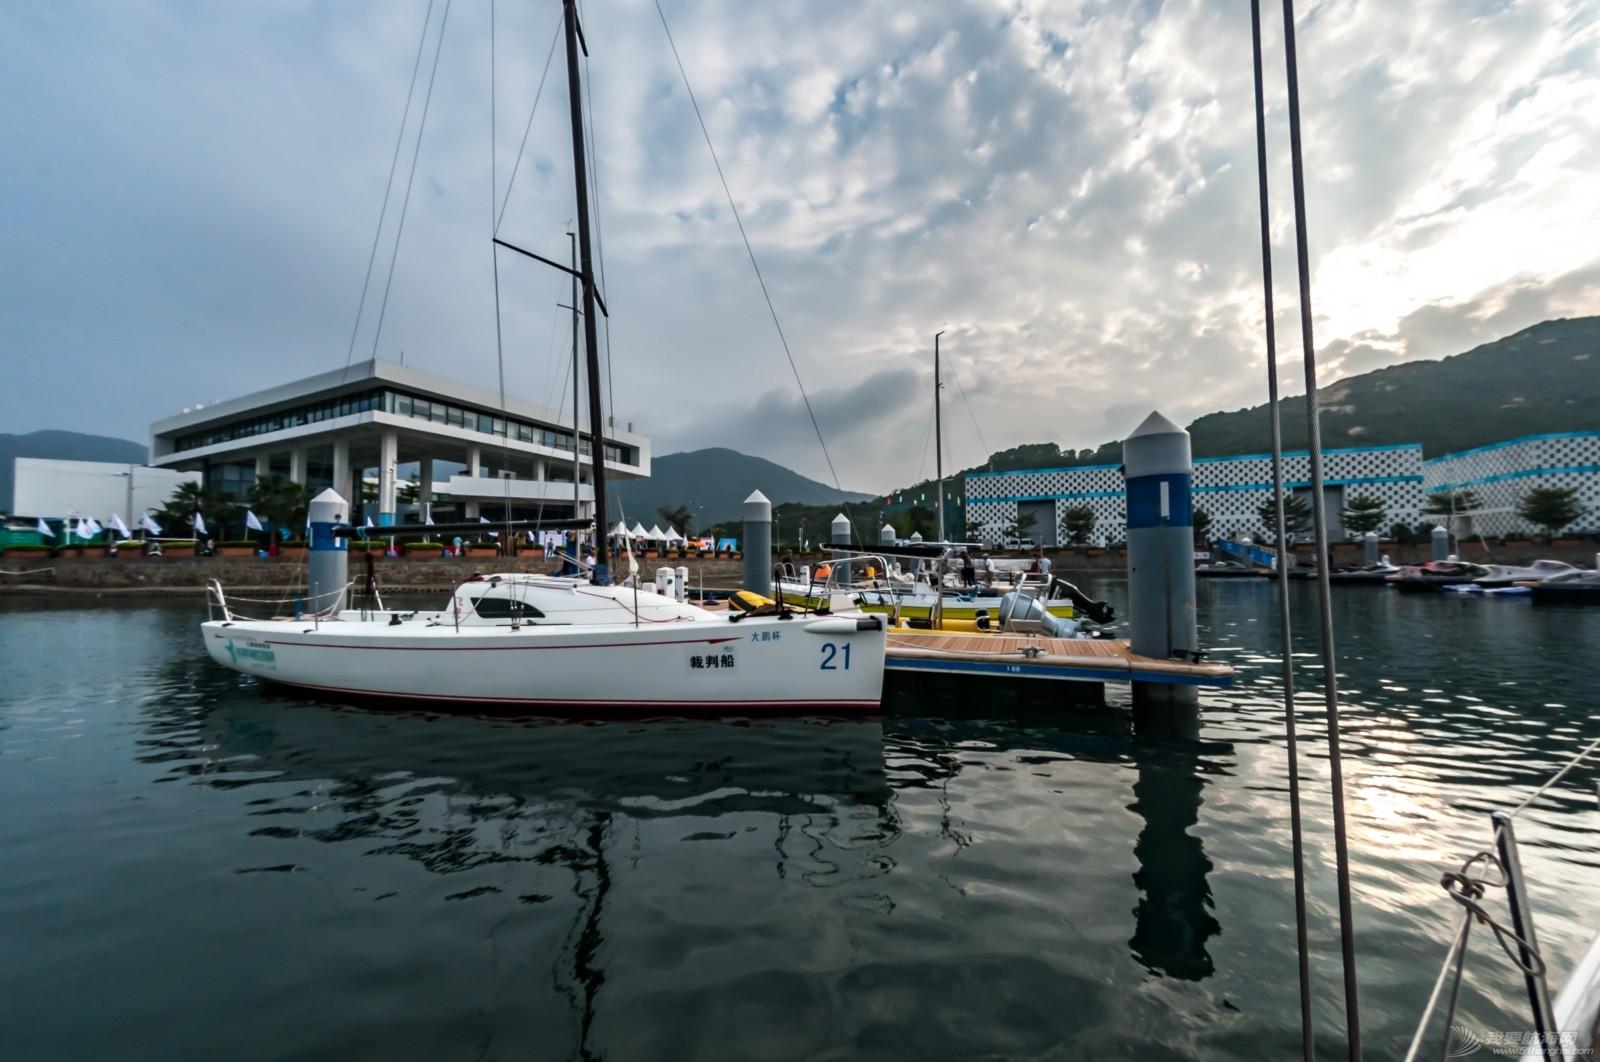 帆船 【2015大鹏杯帆船赛】鱼眼看航海 16053.jpg